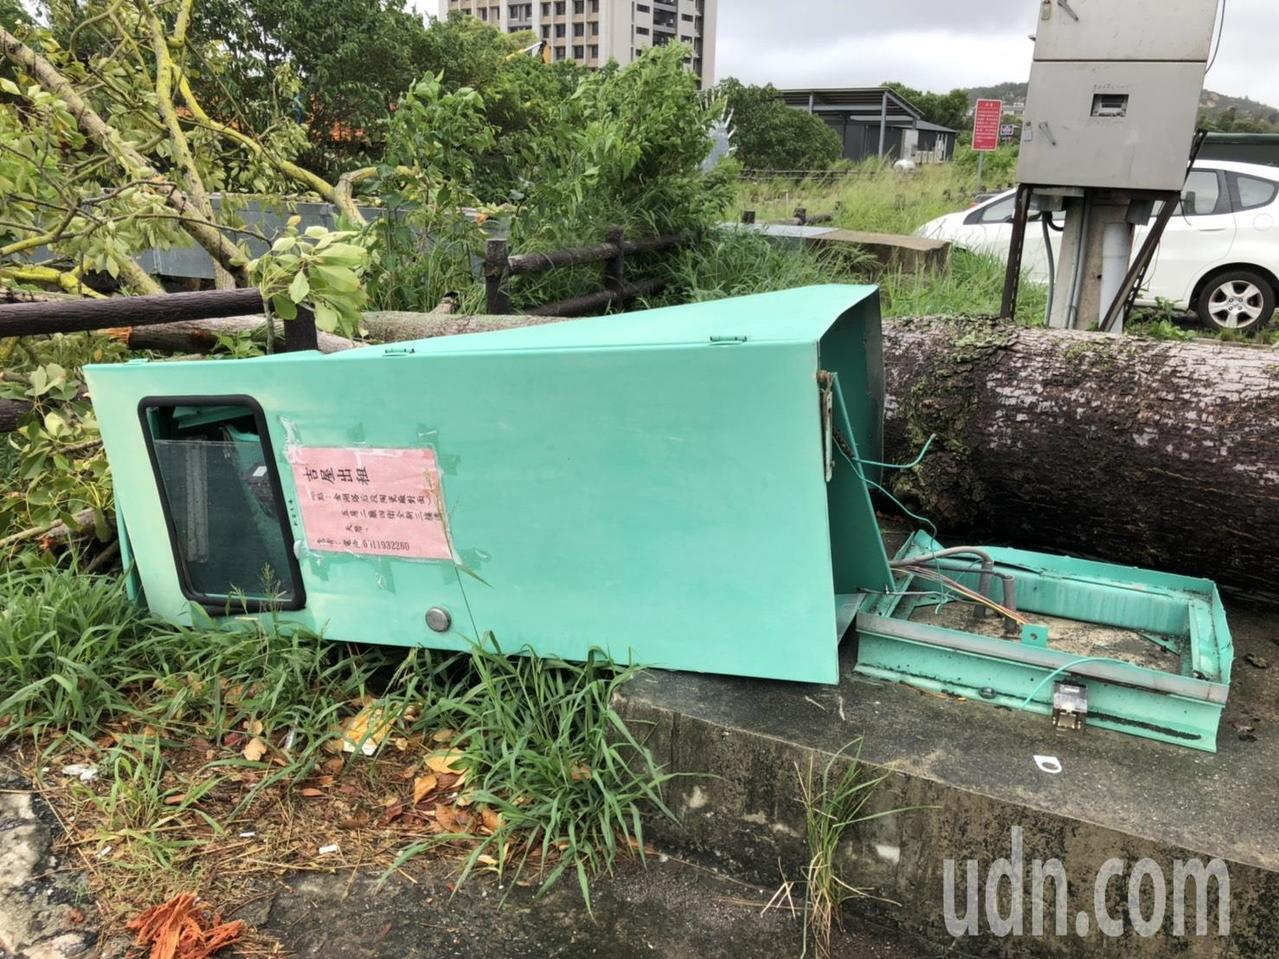 超大「木棉花樹」也被巨風吹倒,還把旁邊的電箱也壓垮了,不少路過的民眾都多看了幾眼...